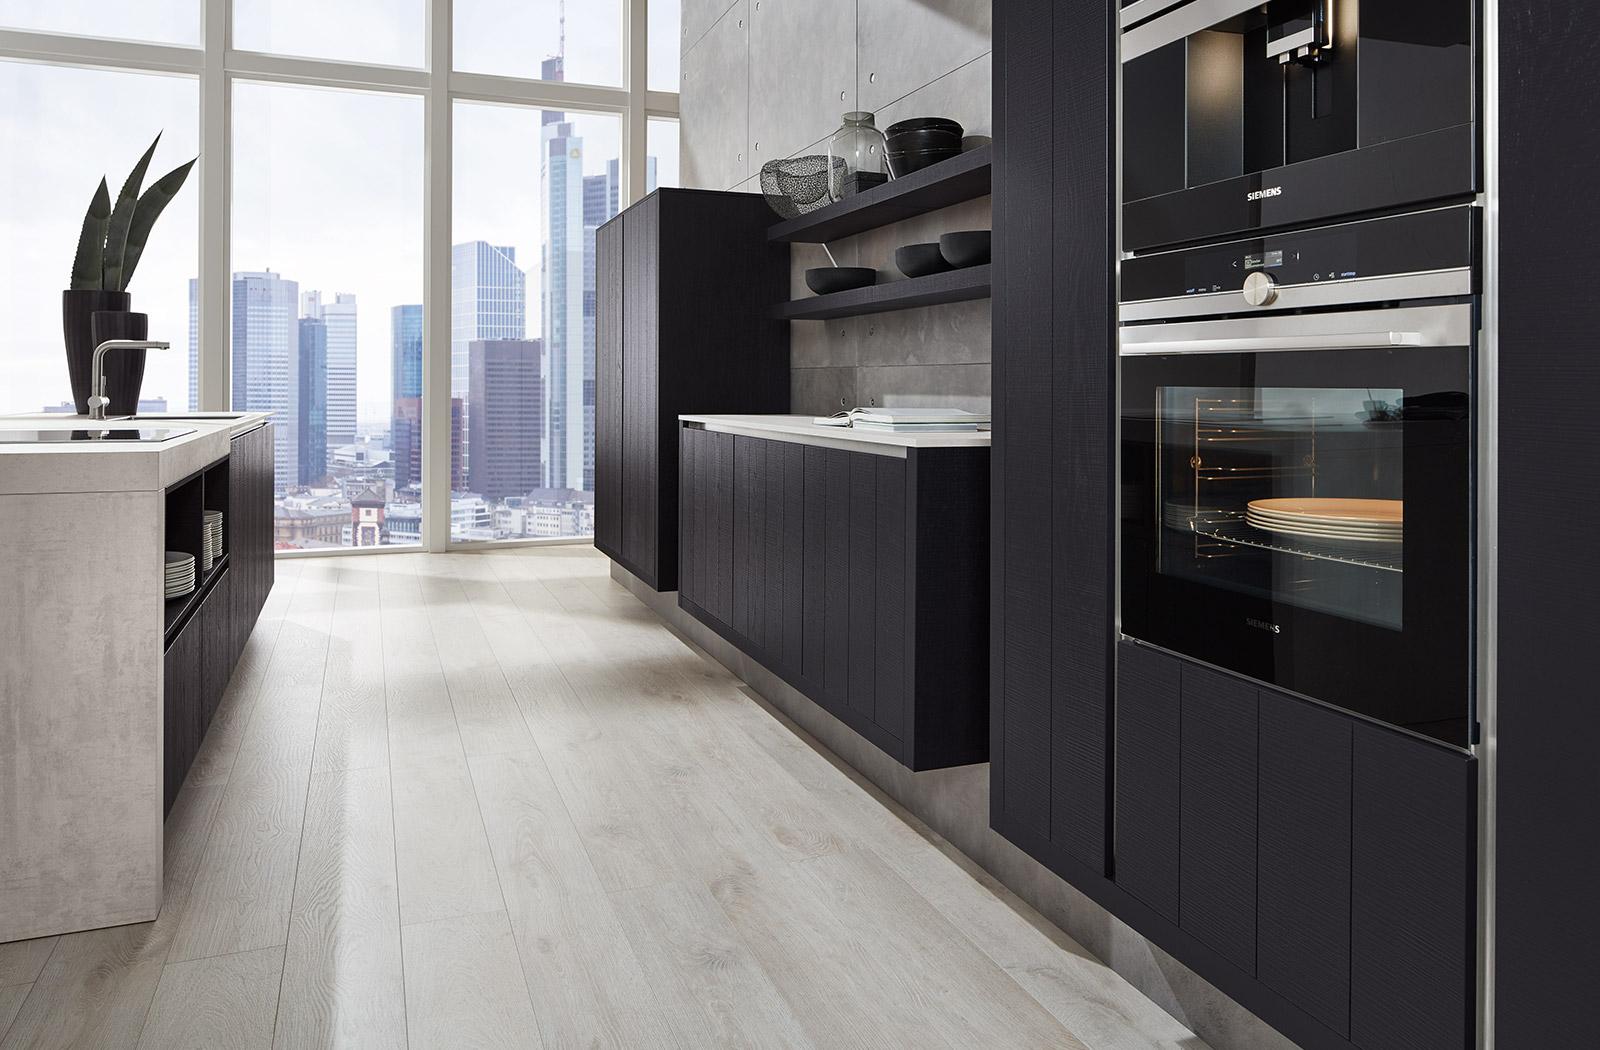 Häcker küche systematart modell 6021 miele center rehrl salzburg